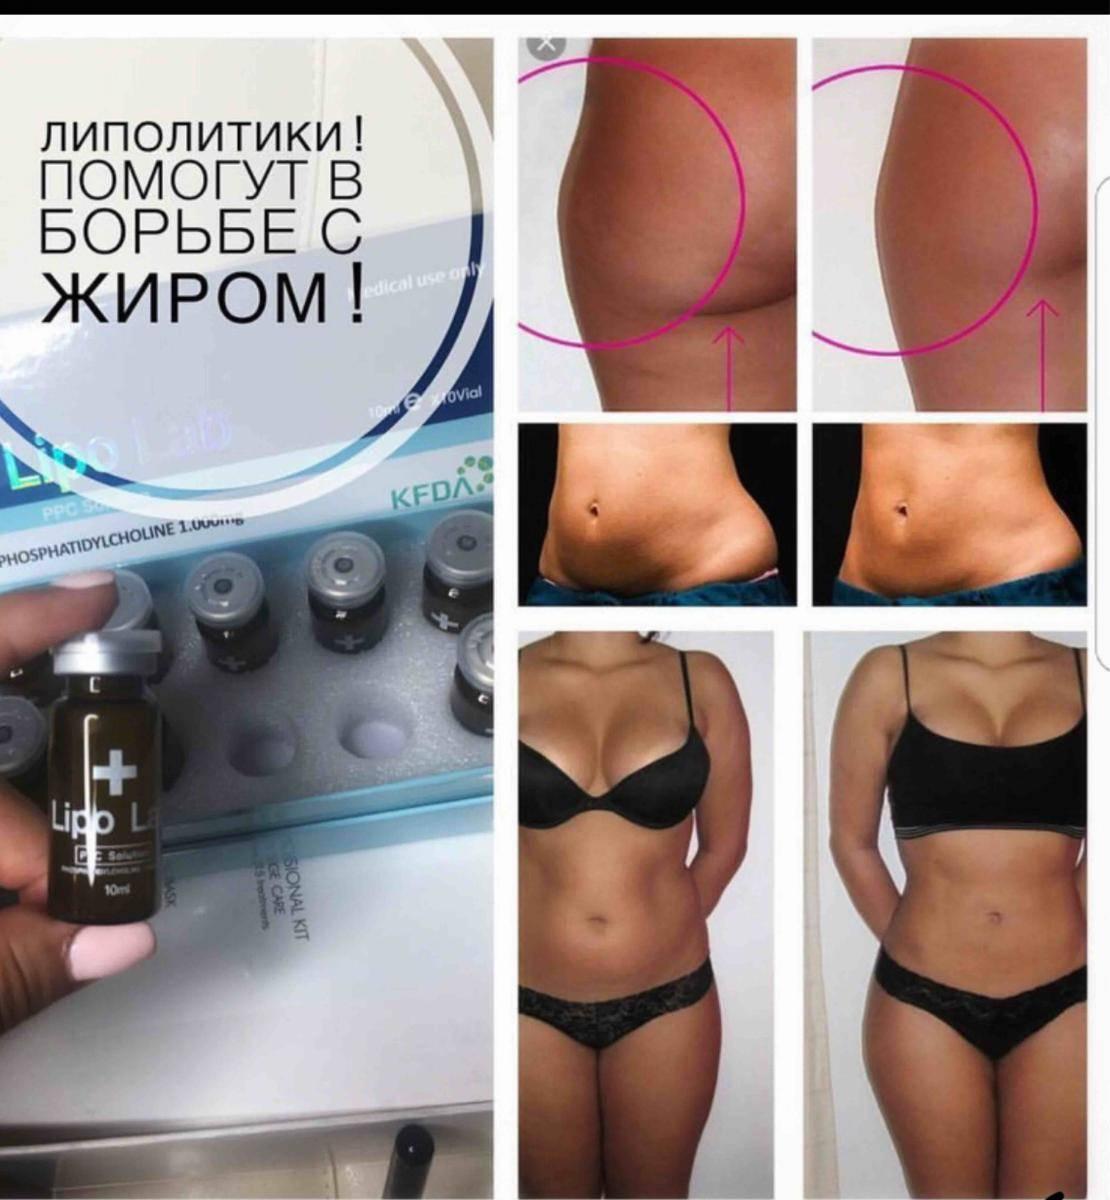 Как применяются липолитики для похудения